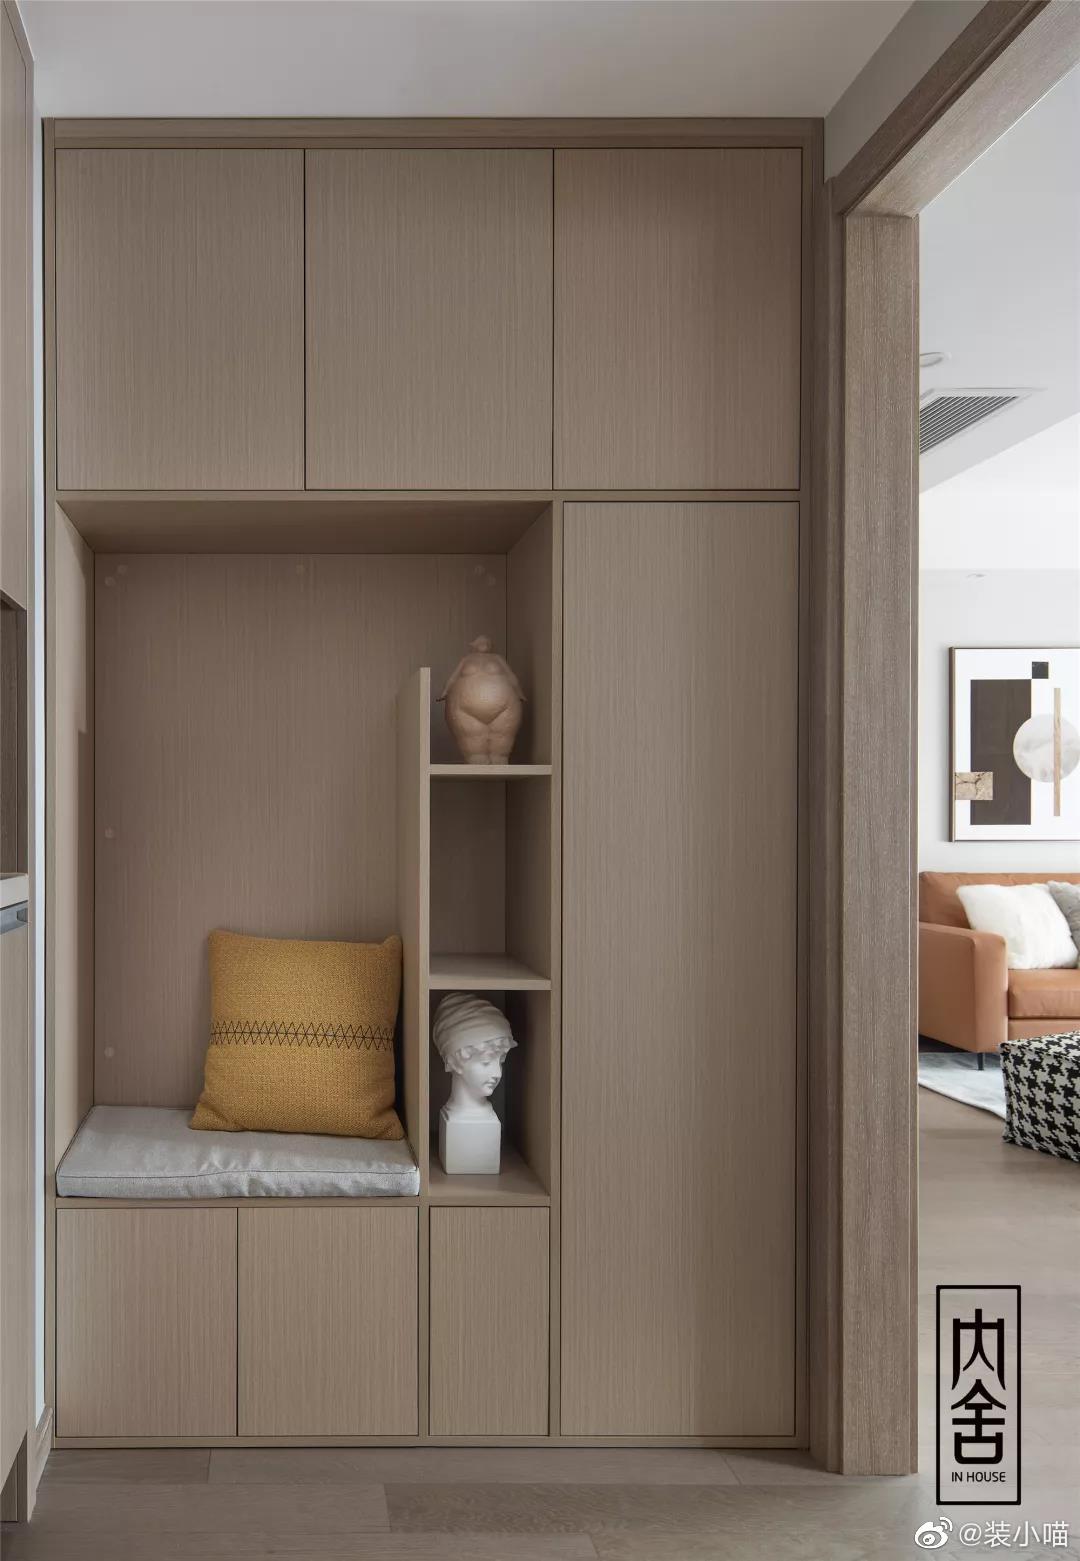 """以干净利落、轻松舒适定义空间的气质。空间设计上,以""""留白""""为主"""